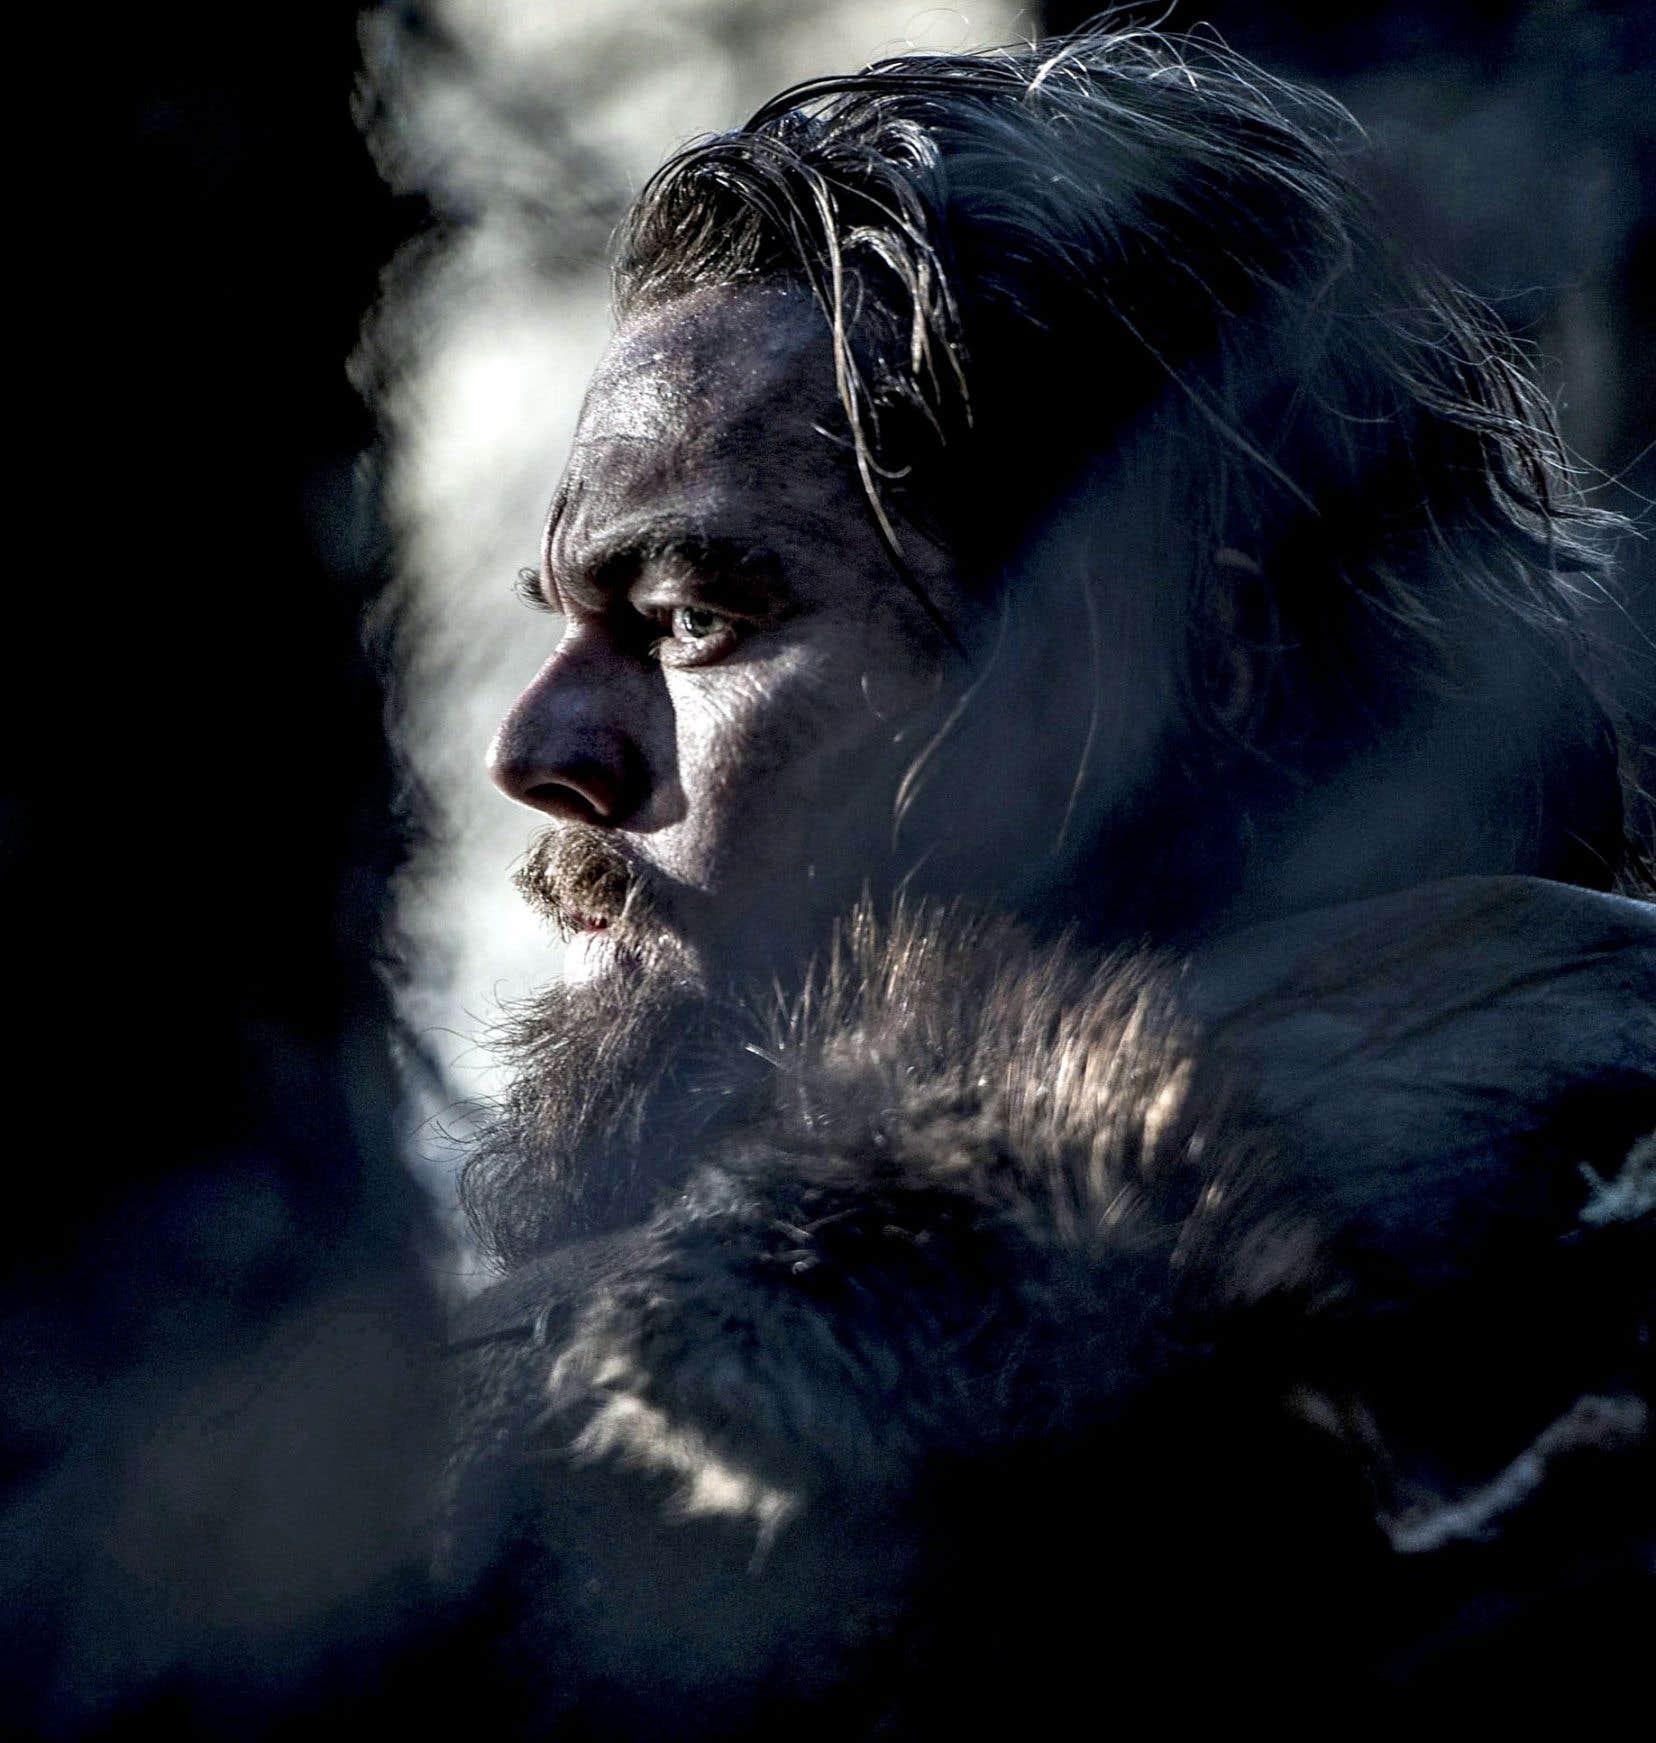 Quand Roy Dupuis a critiqué l'image des trappeurs canadiens-français dans «Le revenant», personne n'est allé interroger le roman.